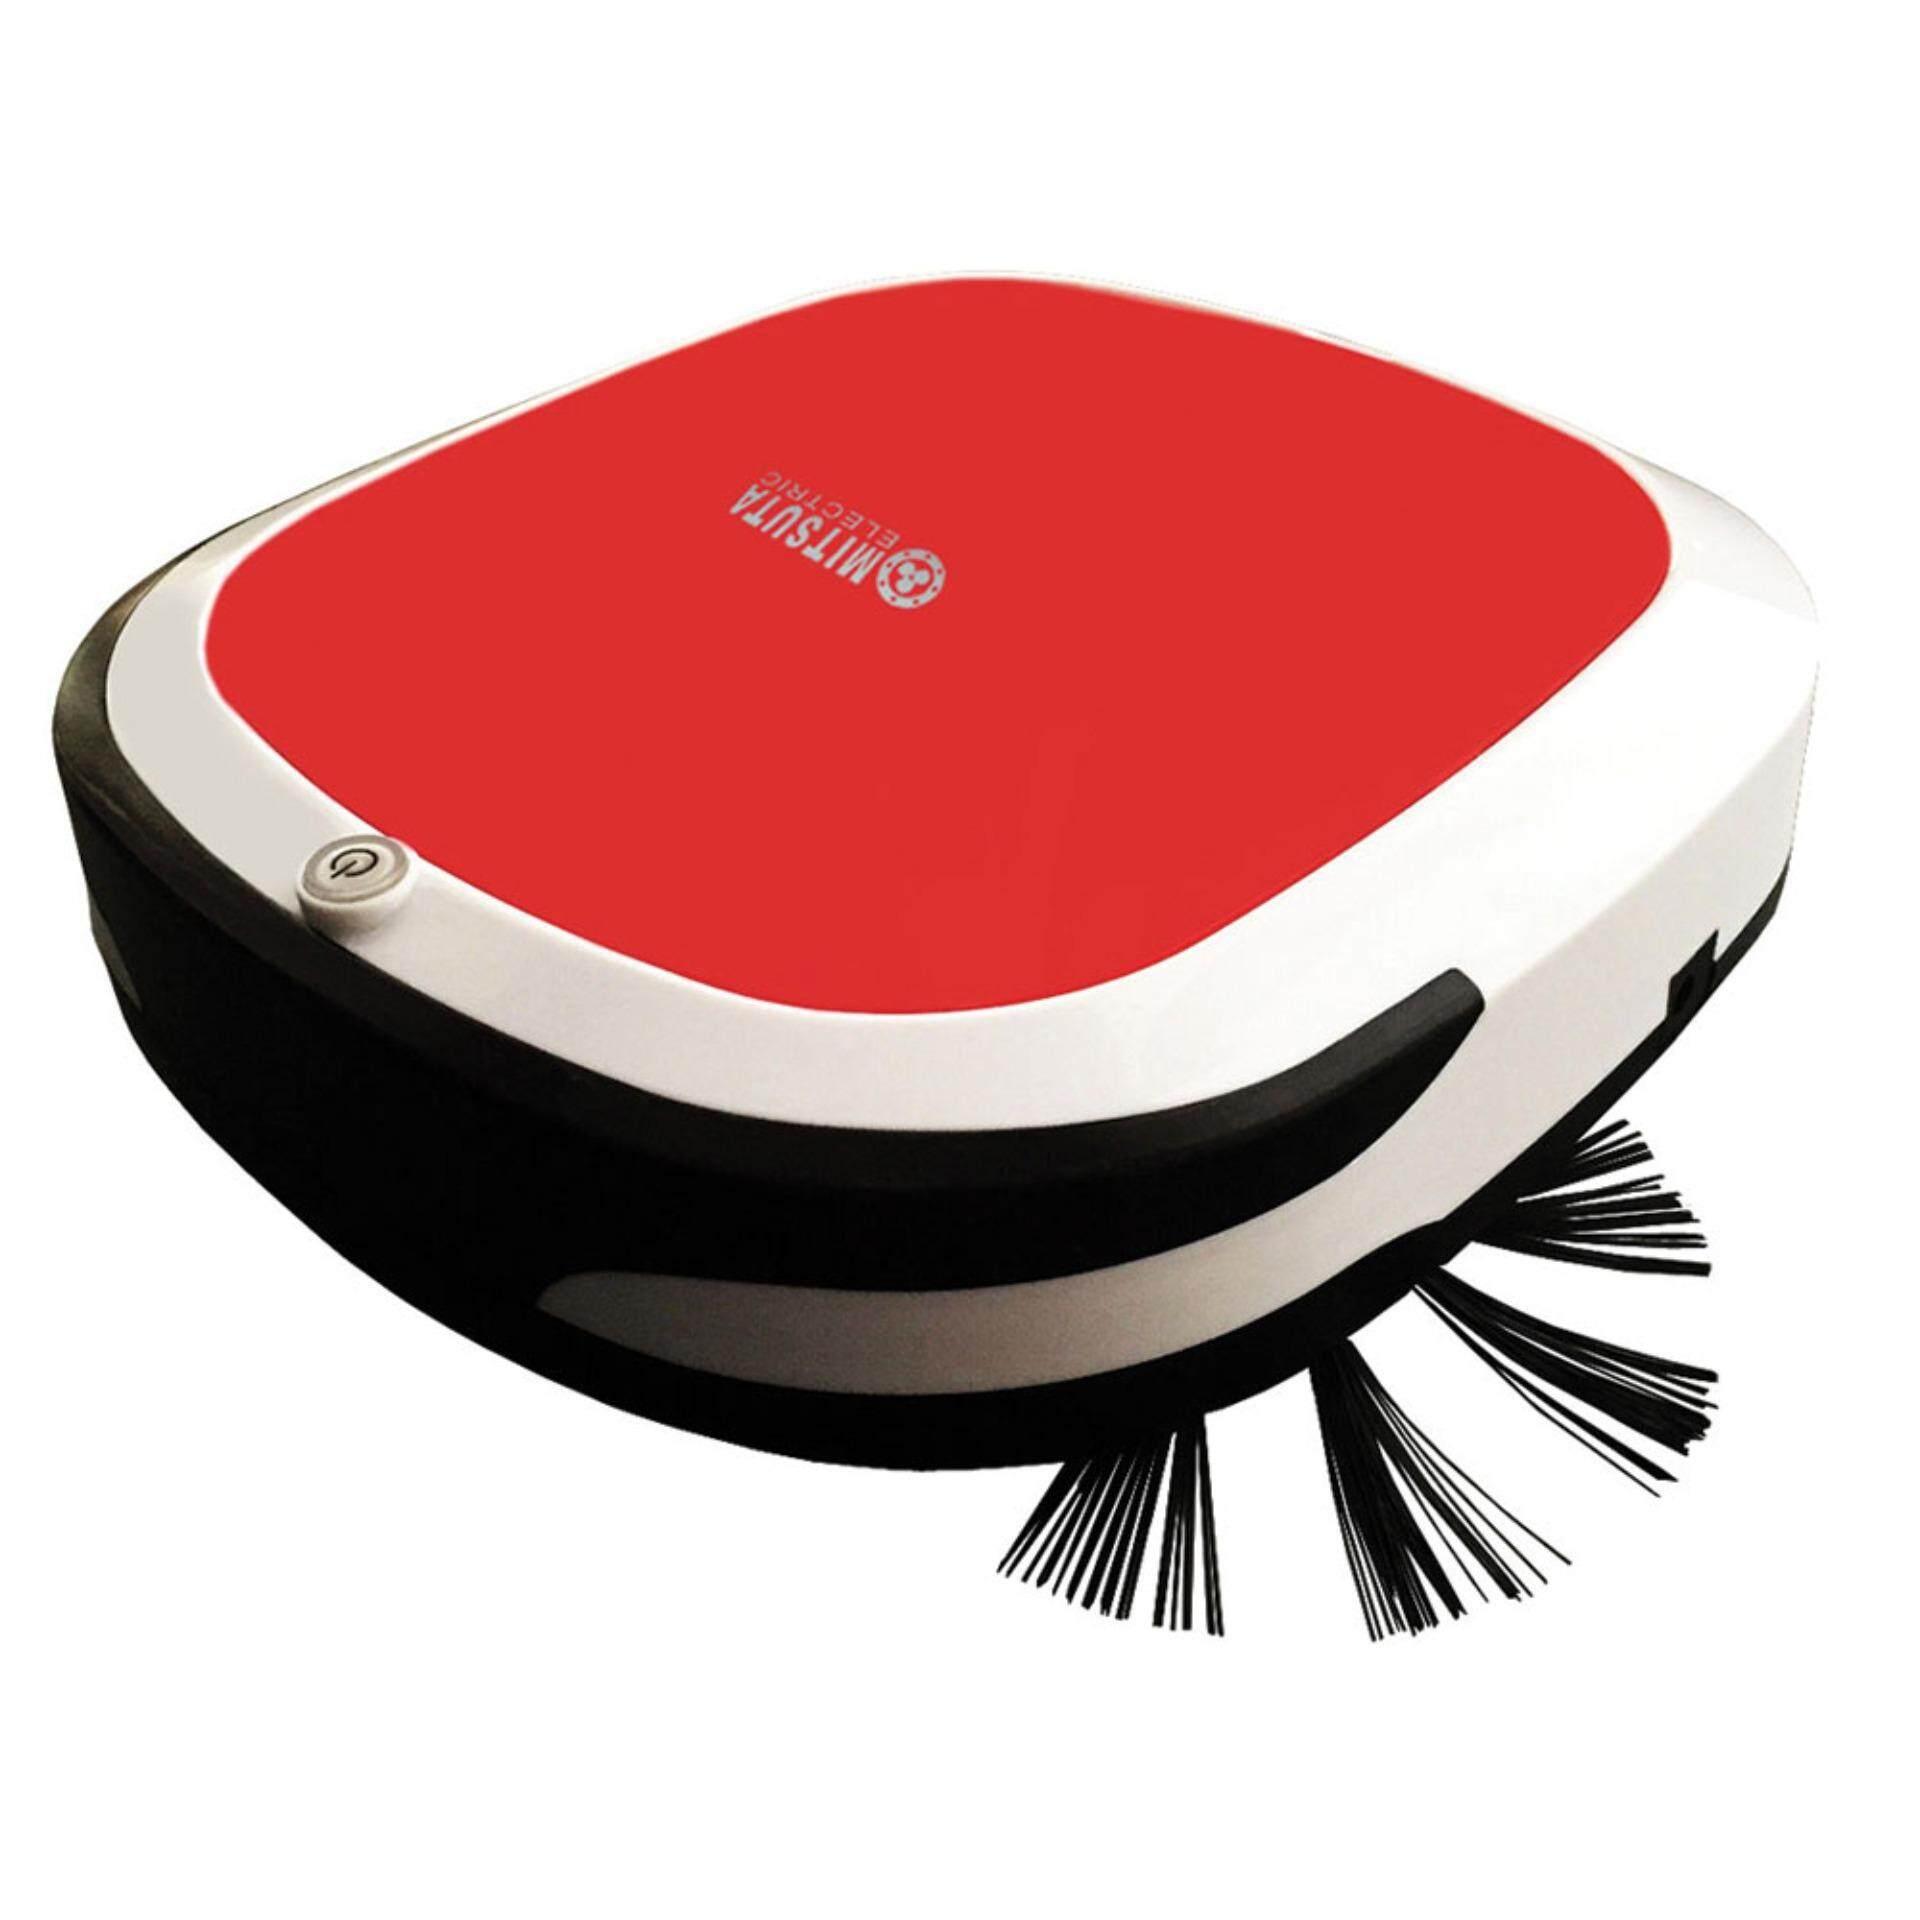 หุ่นยนต์ดูดฝุ่น MITSUTA ถูพื้นอัตโนมัติ รุ่น MRC350 (White/Red) แถม ผ้าถู 2 ชิ้น